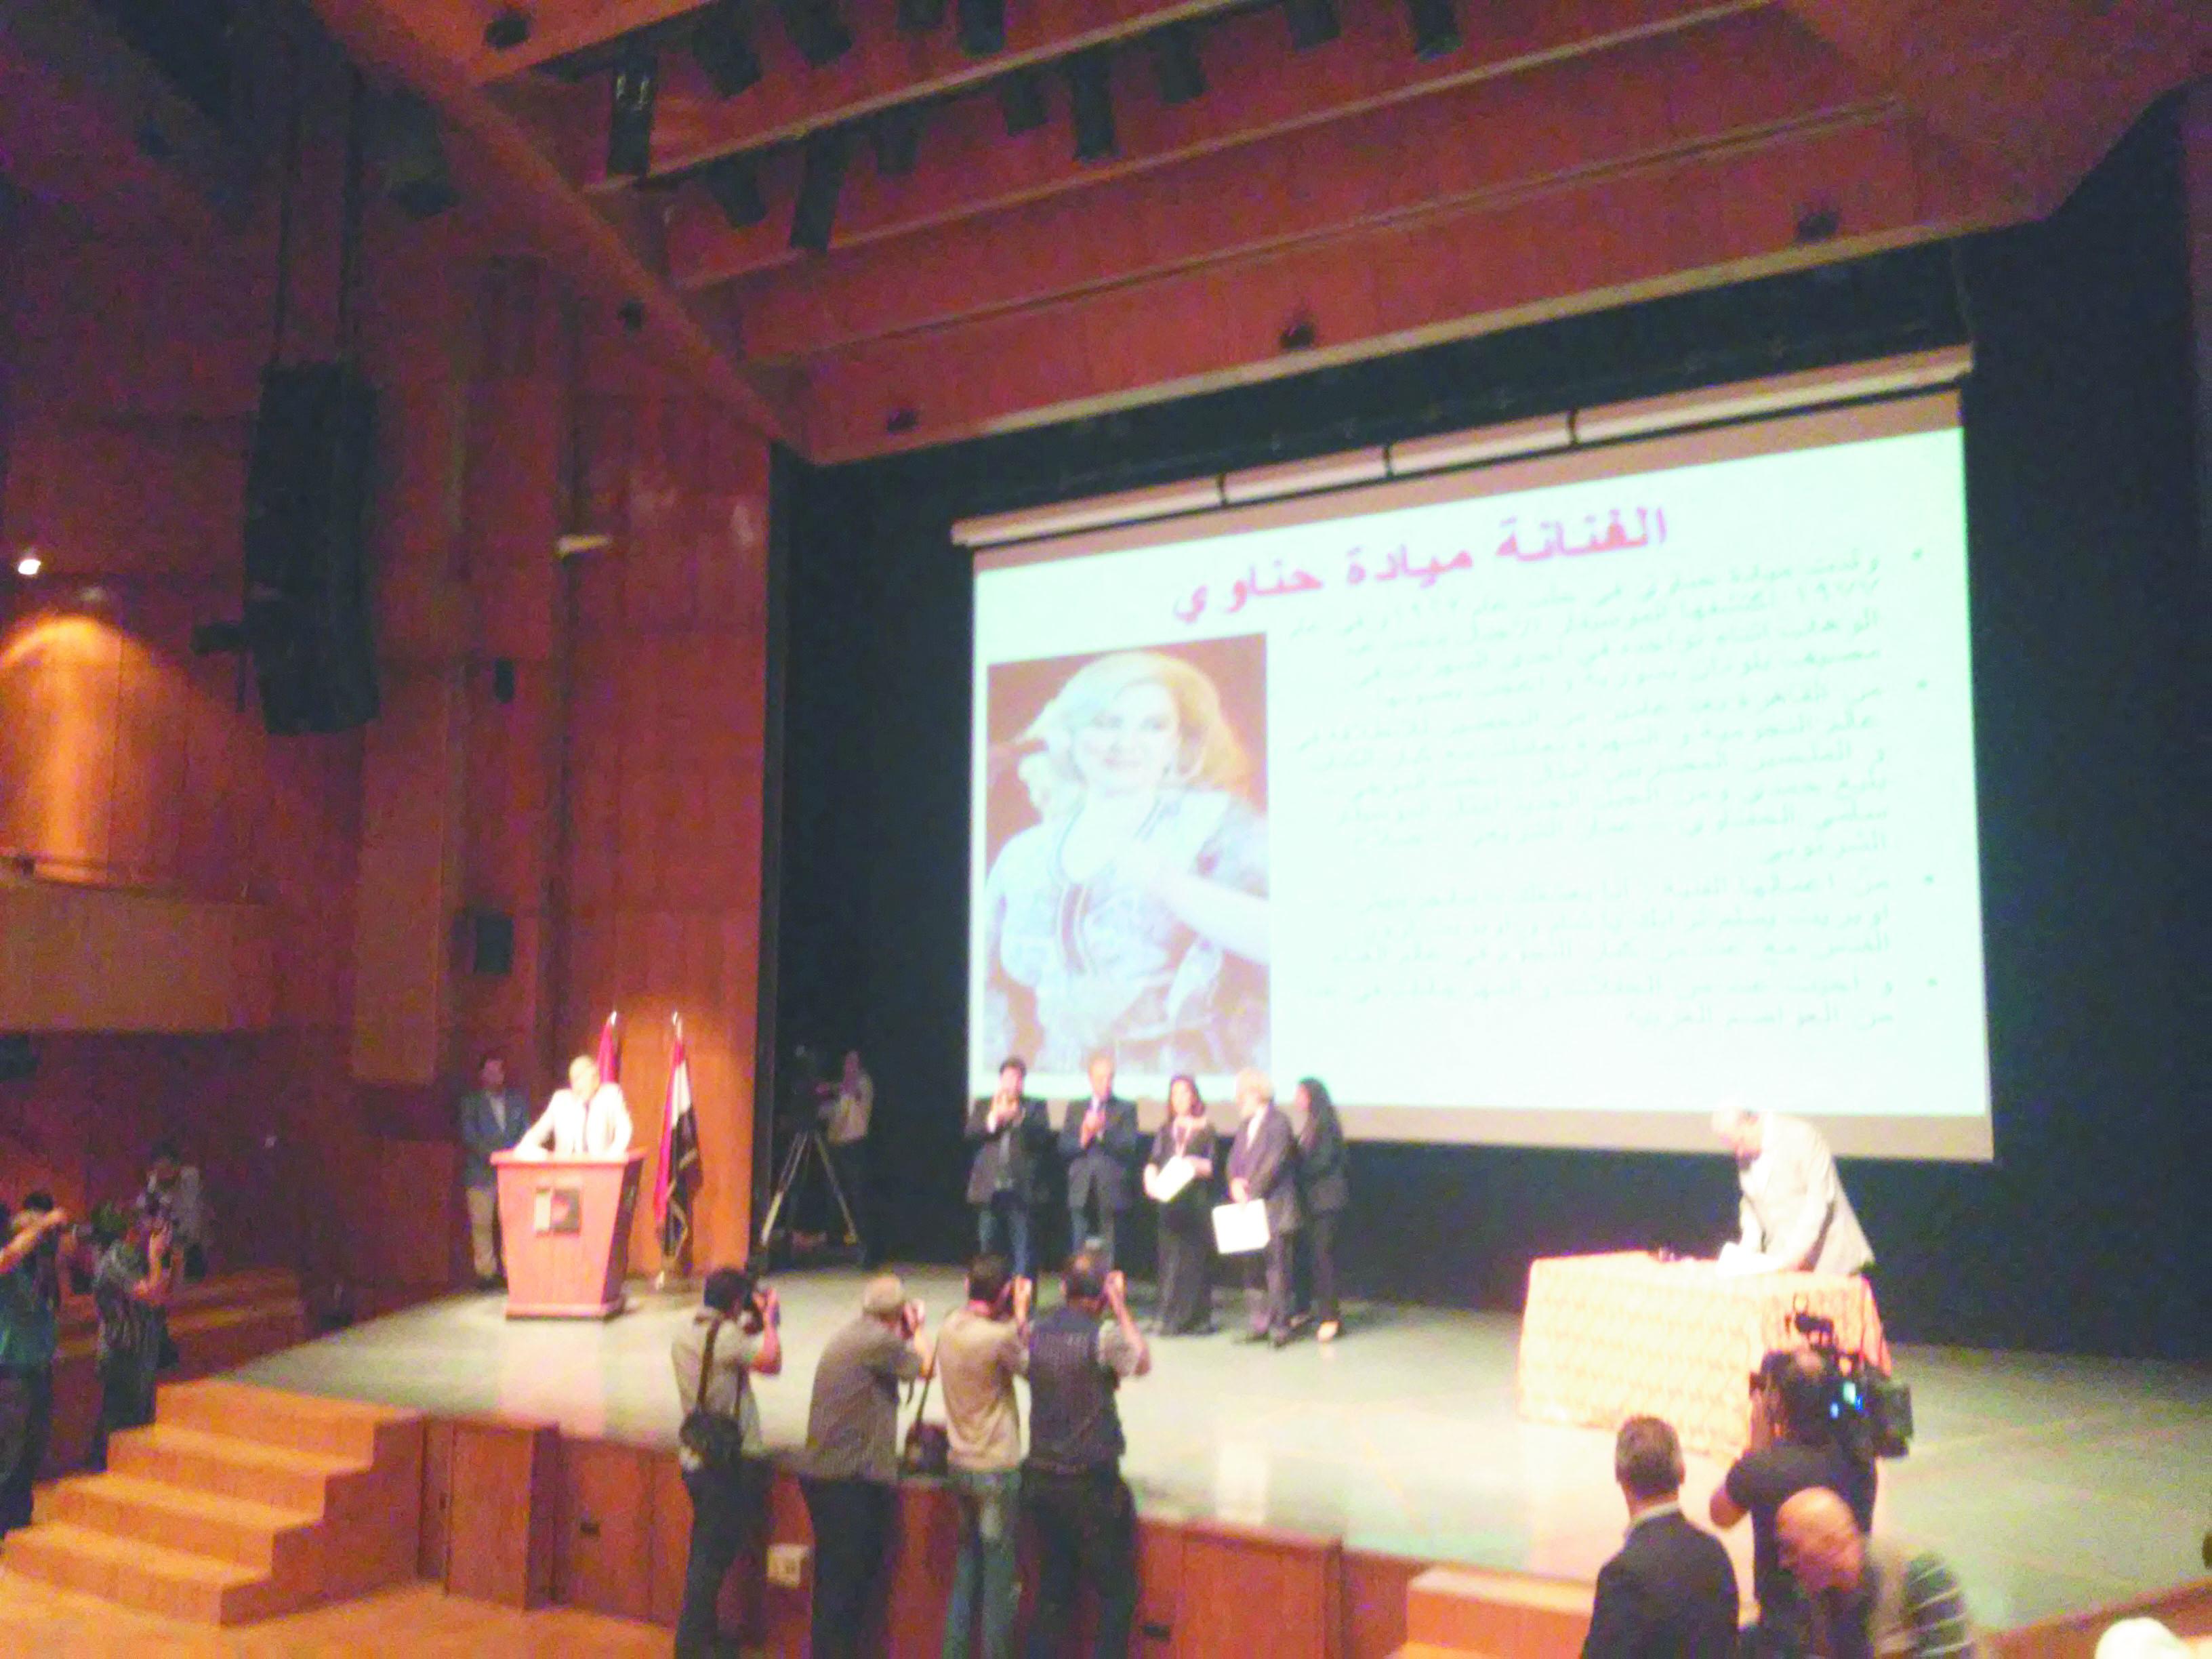 في حفل توزيع جوائز الدولة التقديرية لعام 2017:  سورية انتصرت بثقافتها وحضارتها الممتدة عبر التاريخ